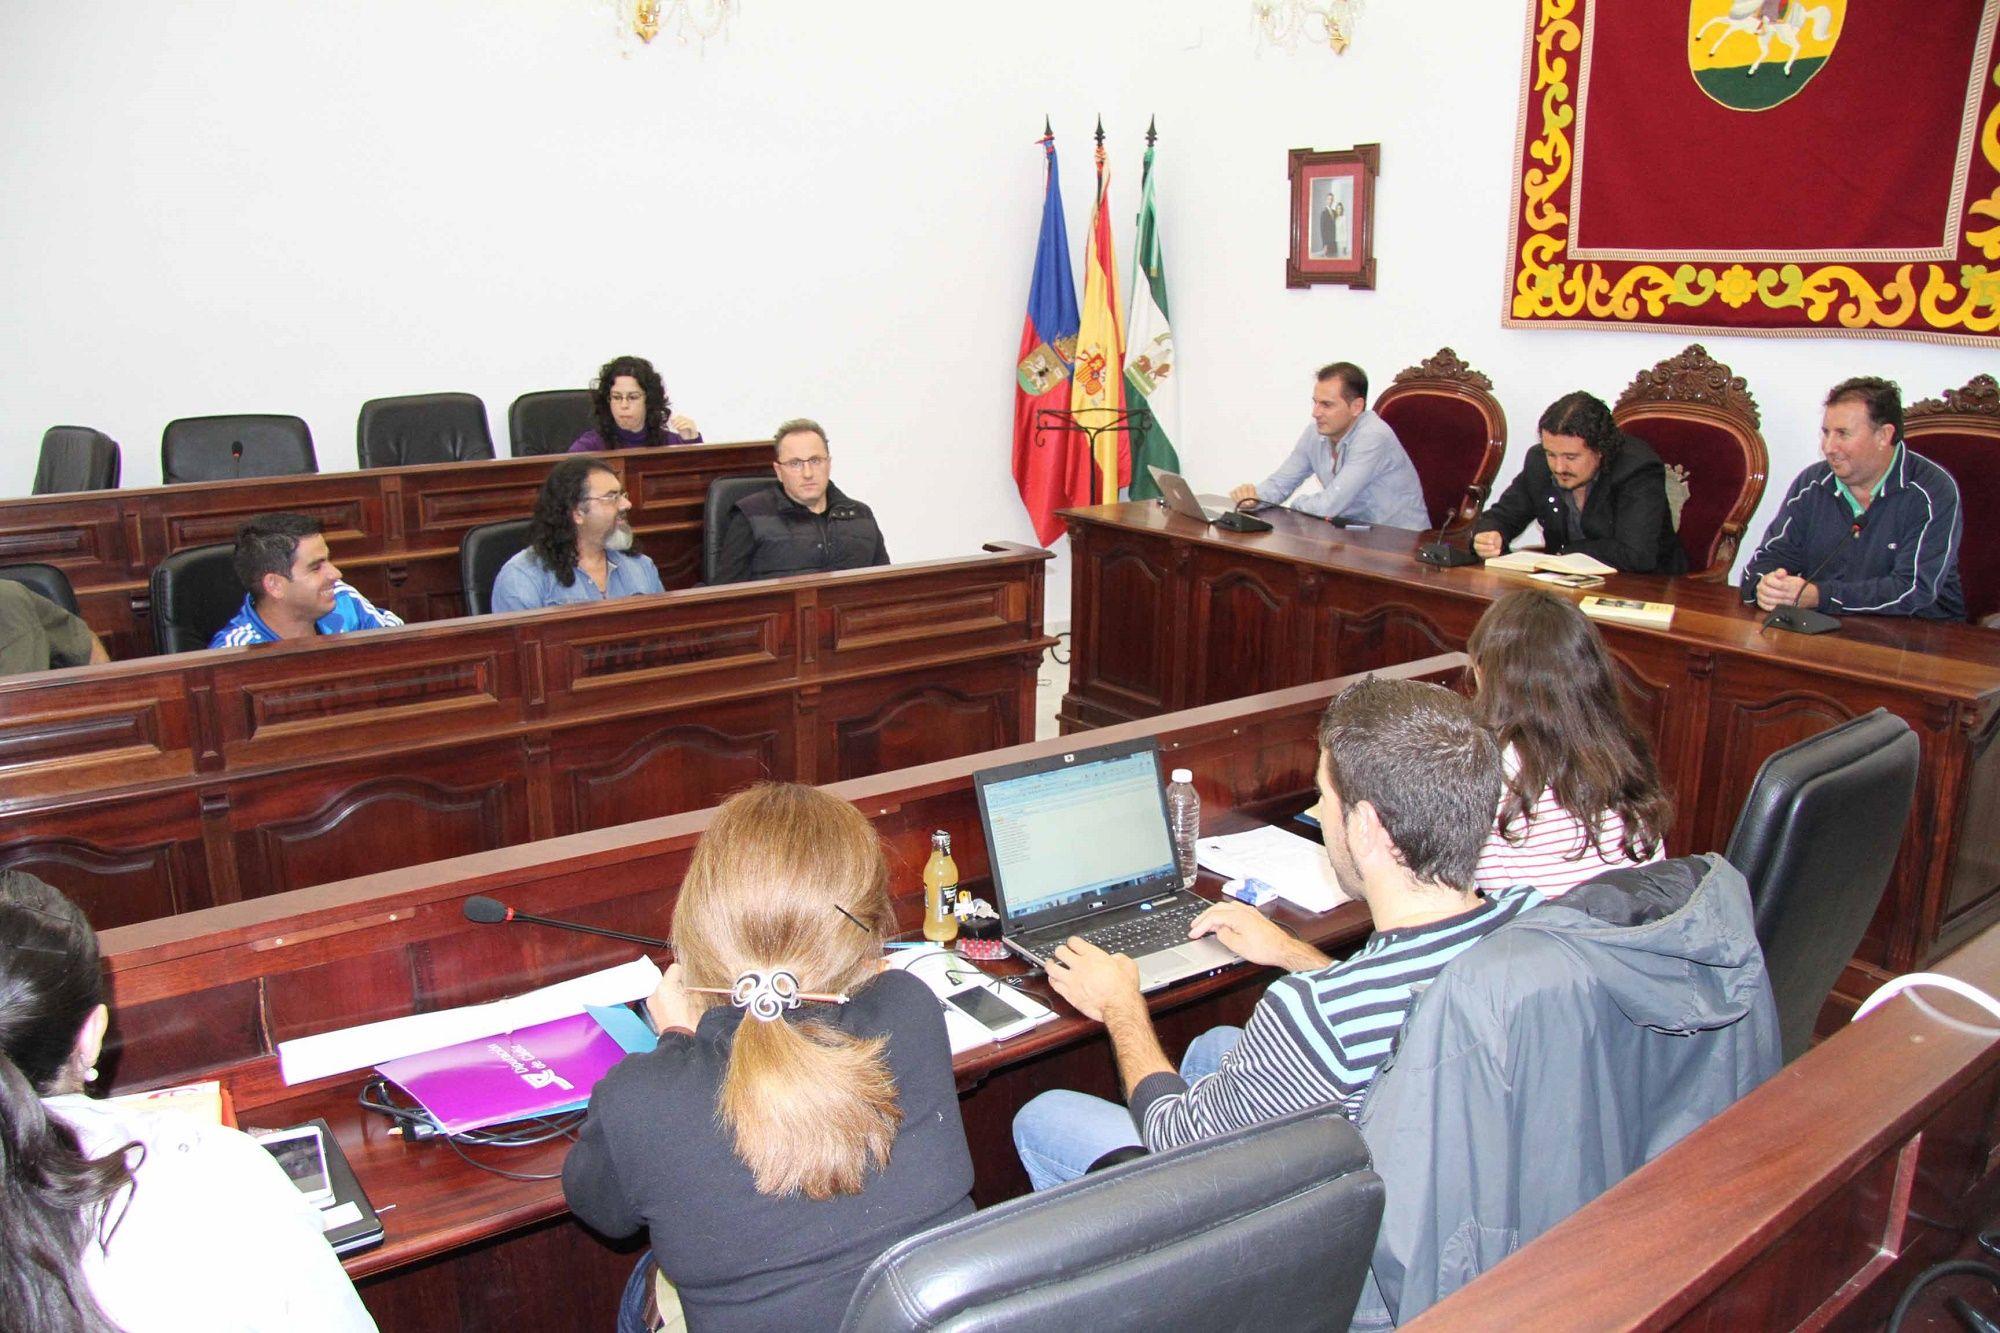 El alcalde de Medina y el resto de concejales de IU durante el encierro en el Ayto